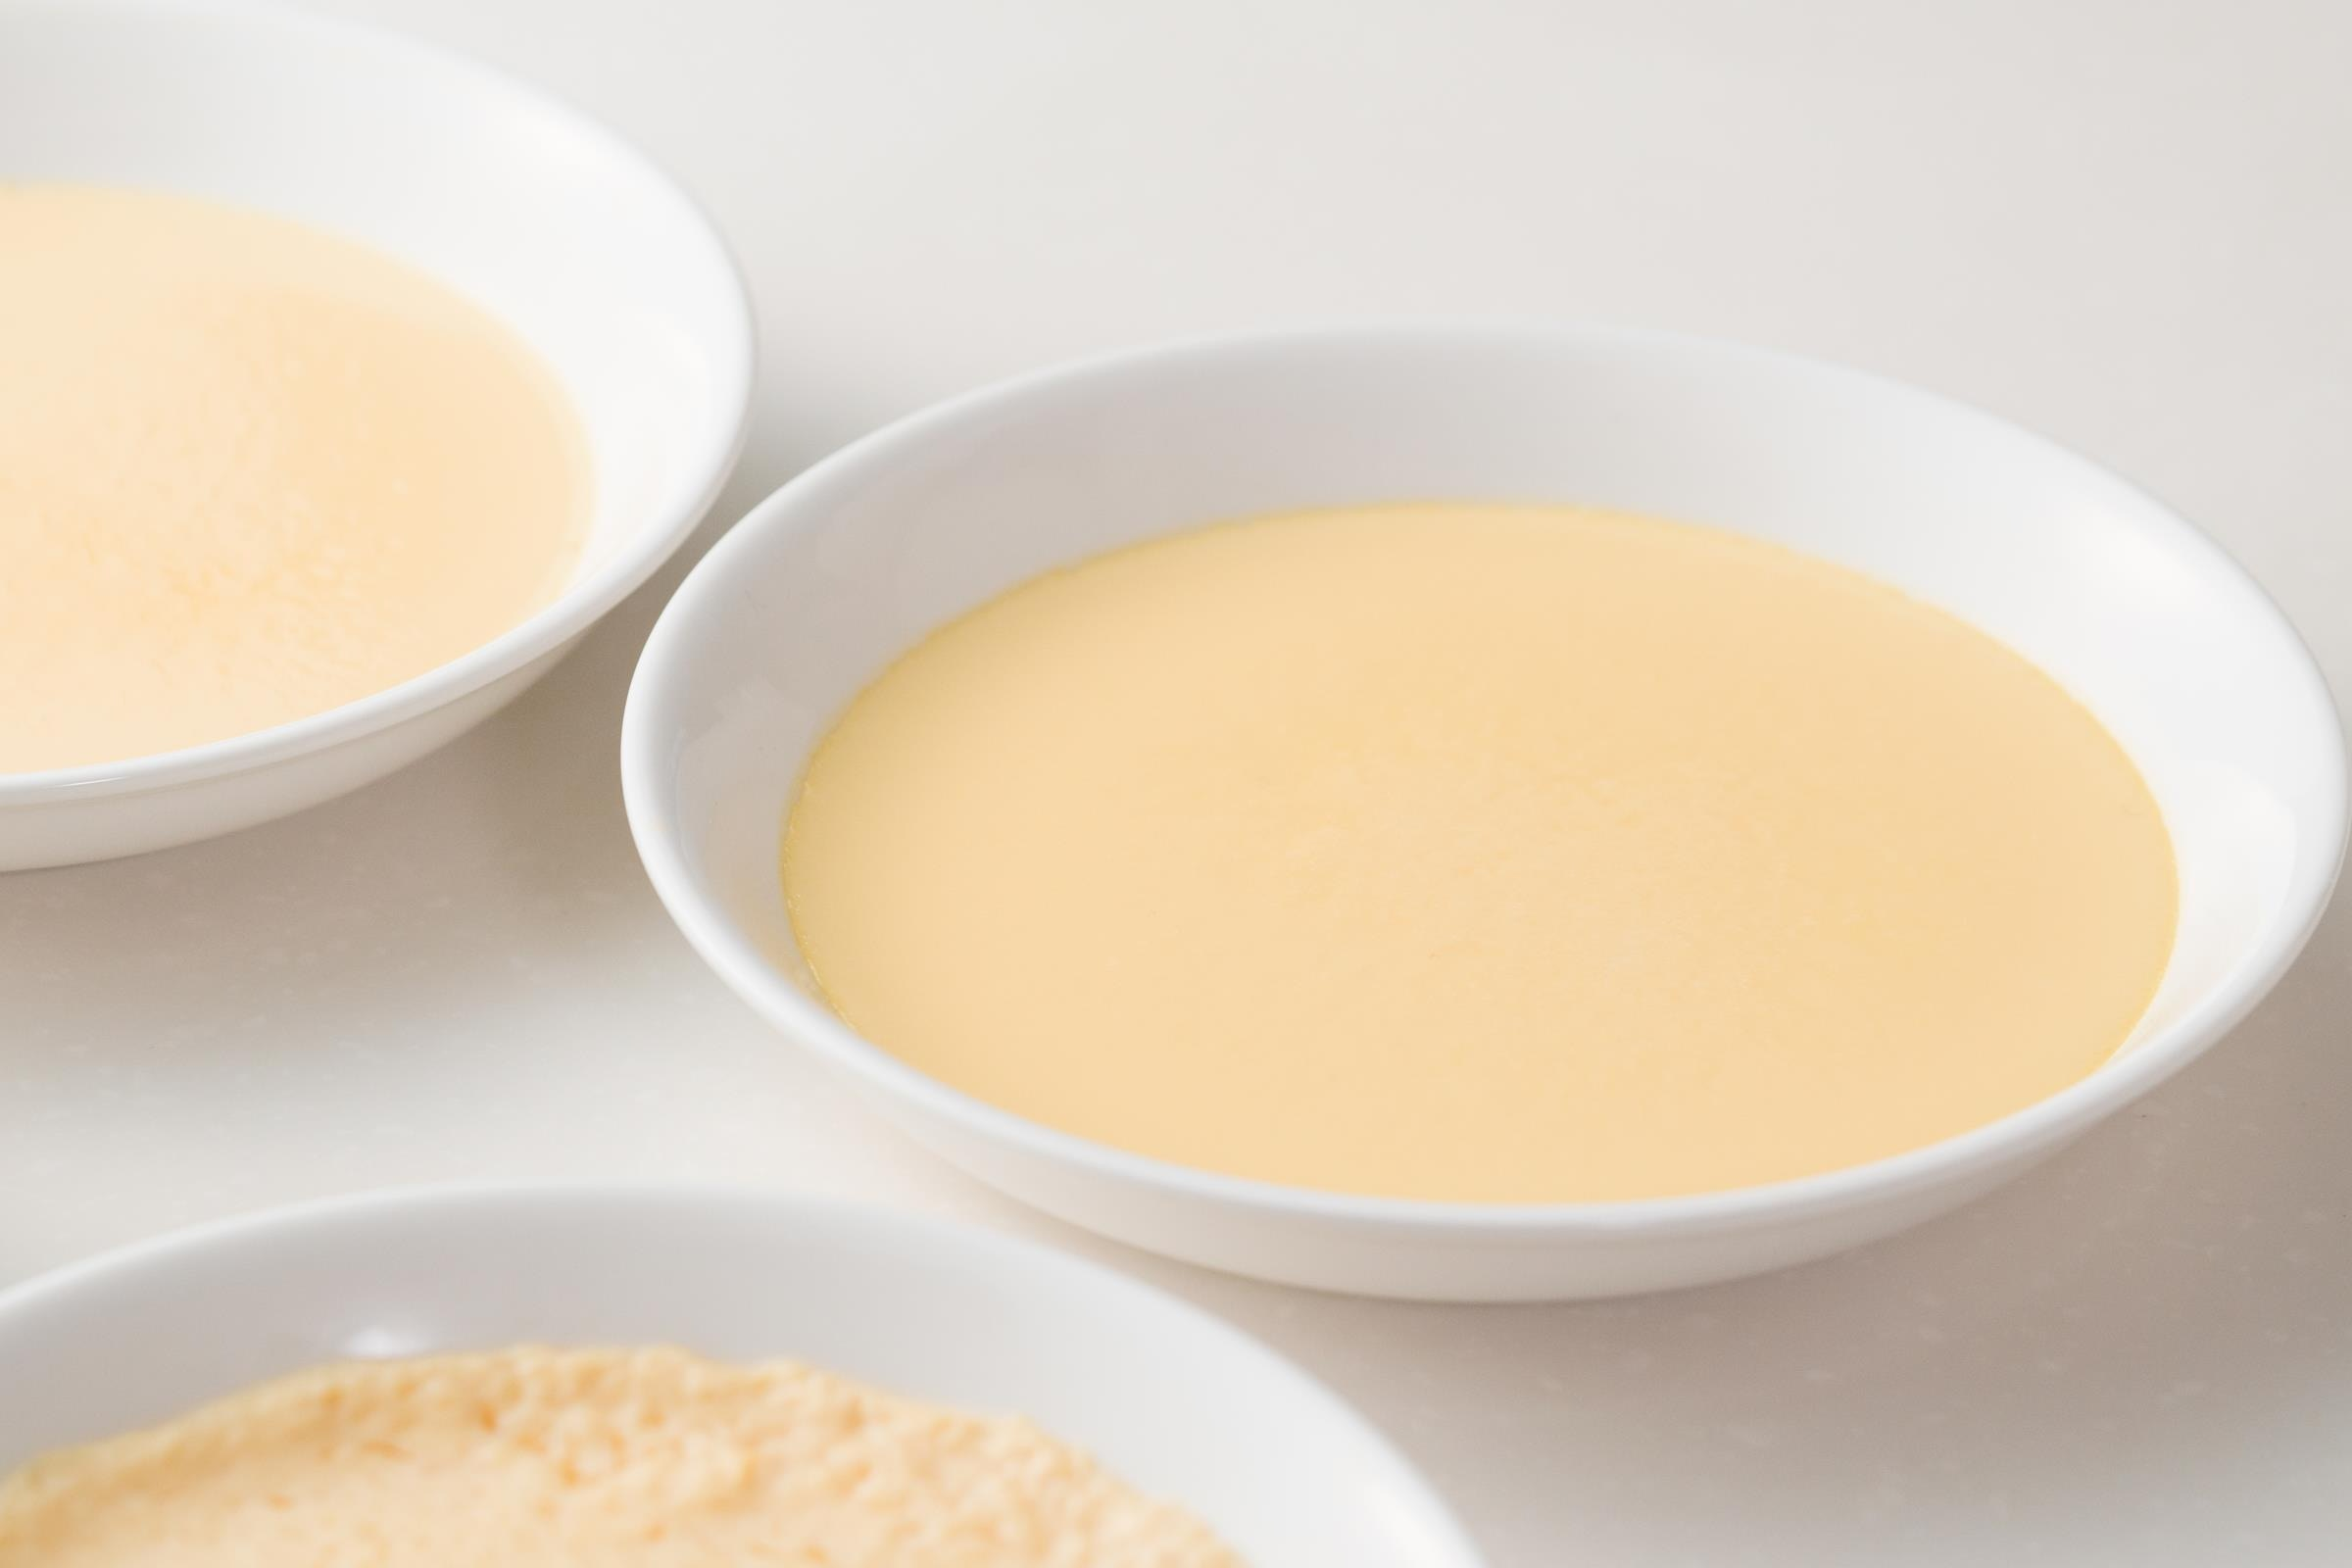 【蒸水蛋食譜】蛋水比例時間大比試 完美蒸蛋黃金組合是……|香港01|教煮